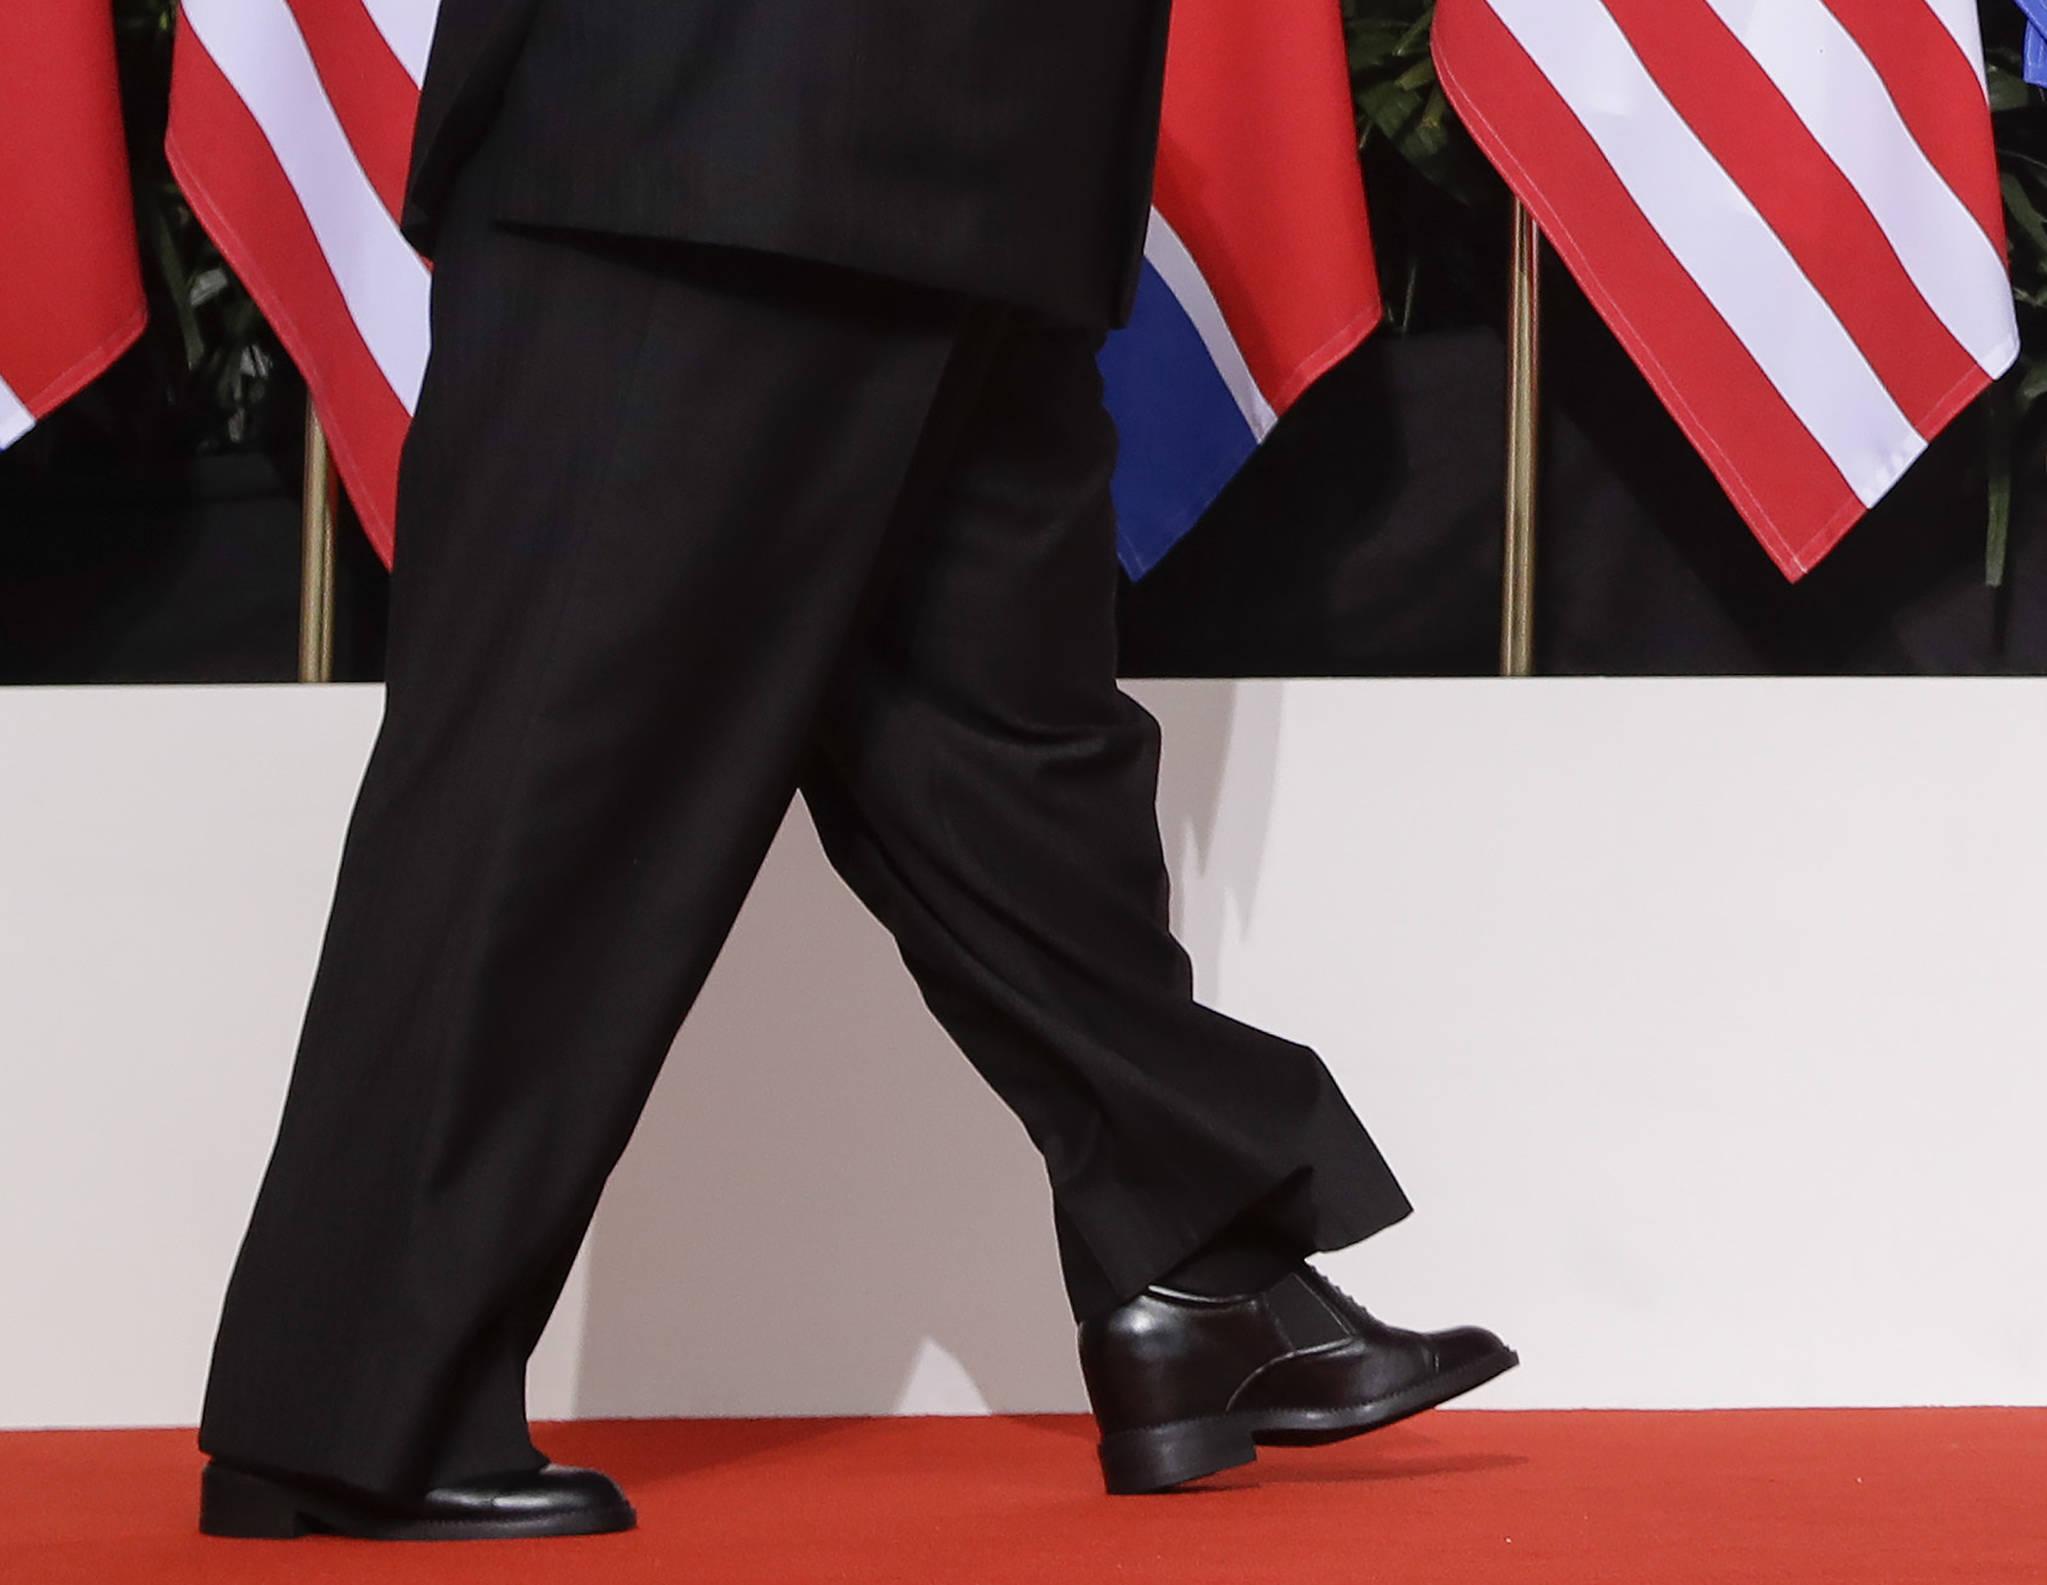 김정은 북한 국무위원장이 12일(현지시간) 싱가포르 센토사 섬의 카펠라 호텔에서 북·미 정상회담 합의문 서명식을 마치고 도널드 트럼프 미국 대통령과 악수하기 위해 걸어가고 있다. 이떄 김정은 위원장이 입은 통이 넓은 인민복 바지에 가려 보이지 않던 굽이 높은 구두가 이동 중 바지가 치켜올라가 드러났다. [AP=연합뉴스]